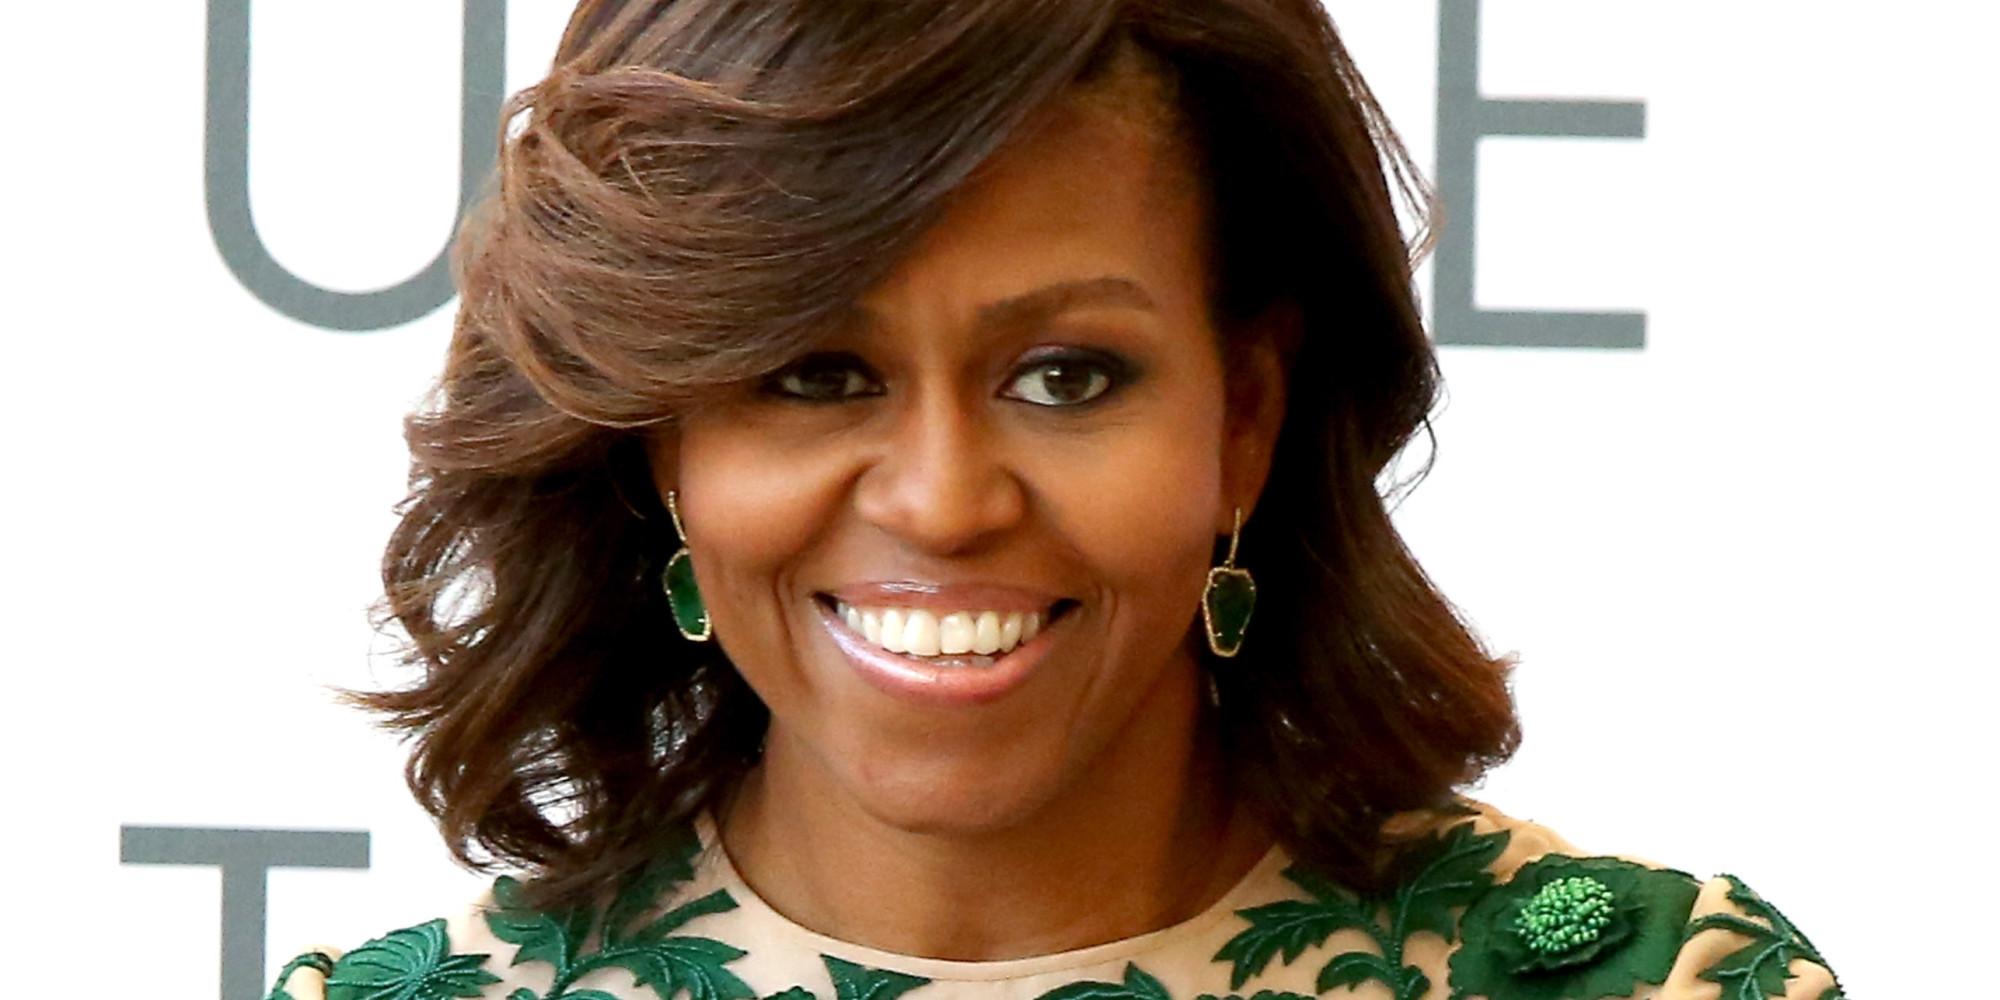 Michelle LaVaughn Obama née Michelle LaVaughn Robinson le 17 janvier 1964 à Chicago est une avocate et écrivaine américaine Épouse depuis 1992 de Barack Obama